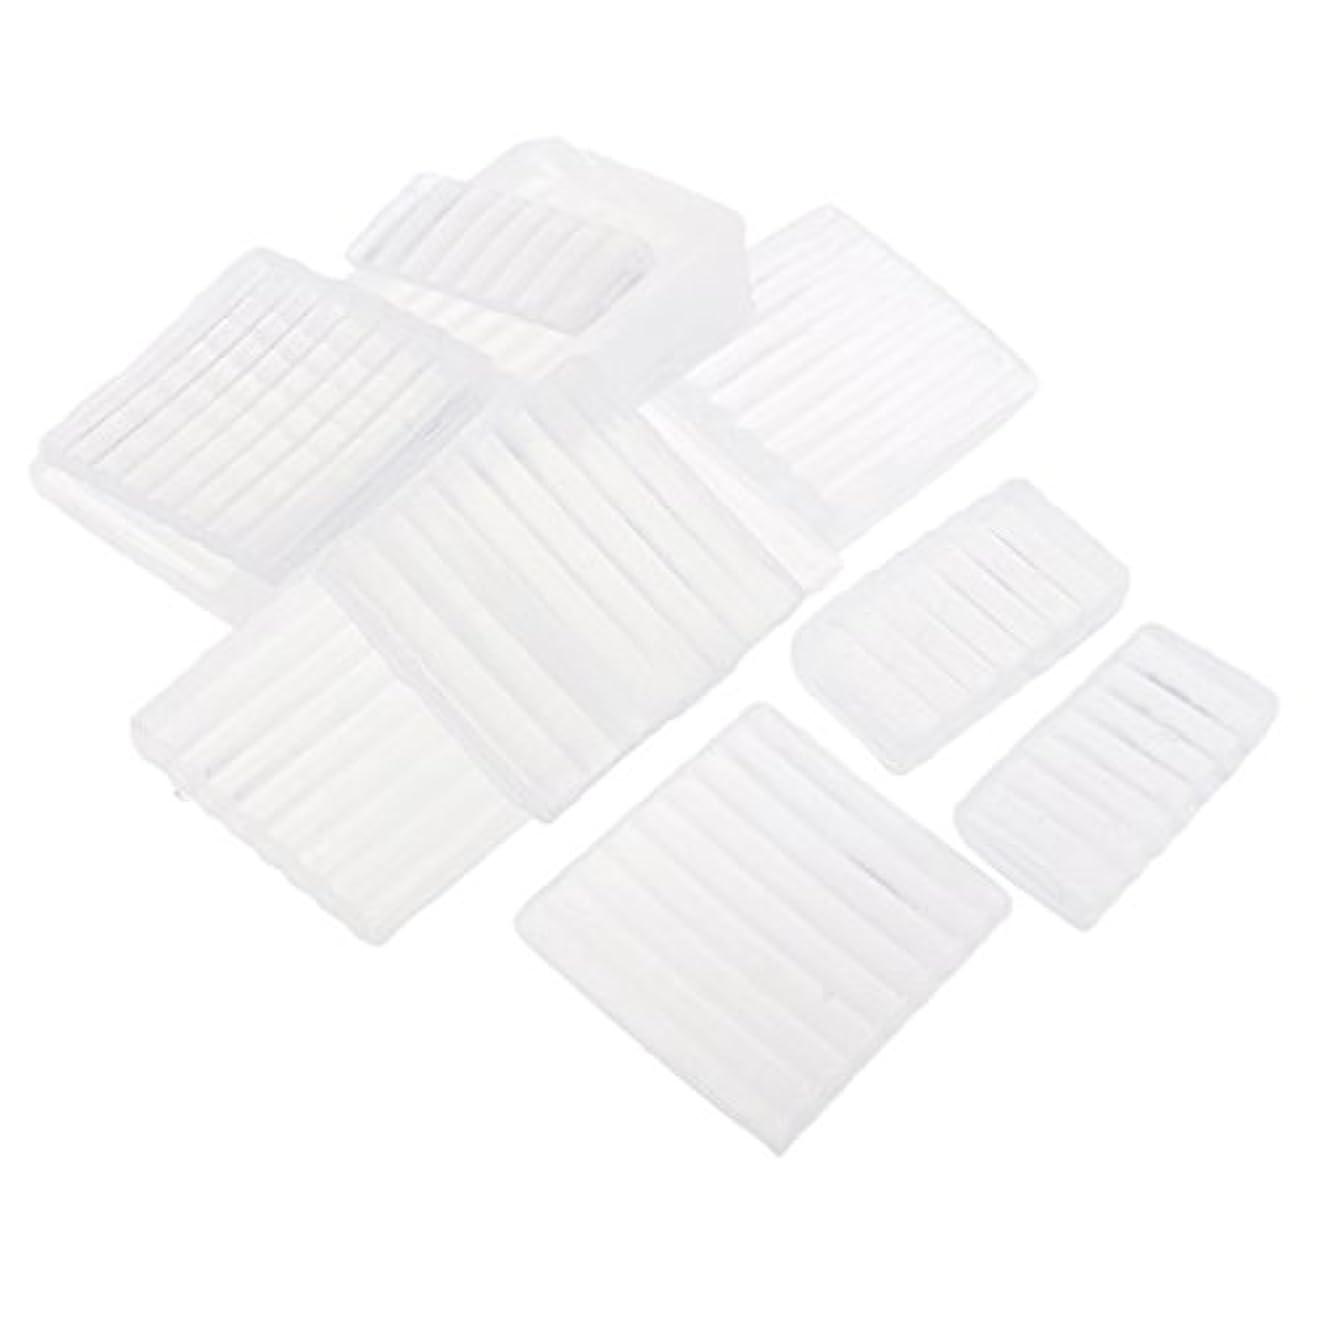 アスレチック掃除メトロポリタンFenteer ホワイト 透明 石鹸ベース DIY 手作り 石鹸 材料 約500g